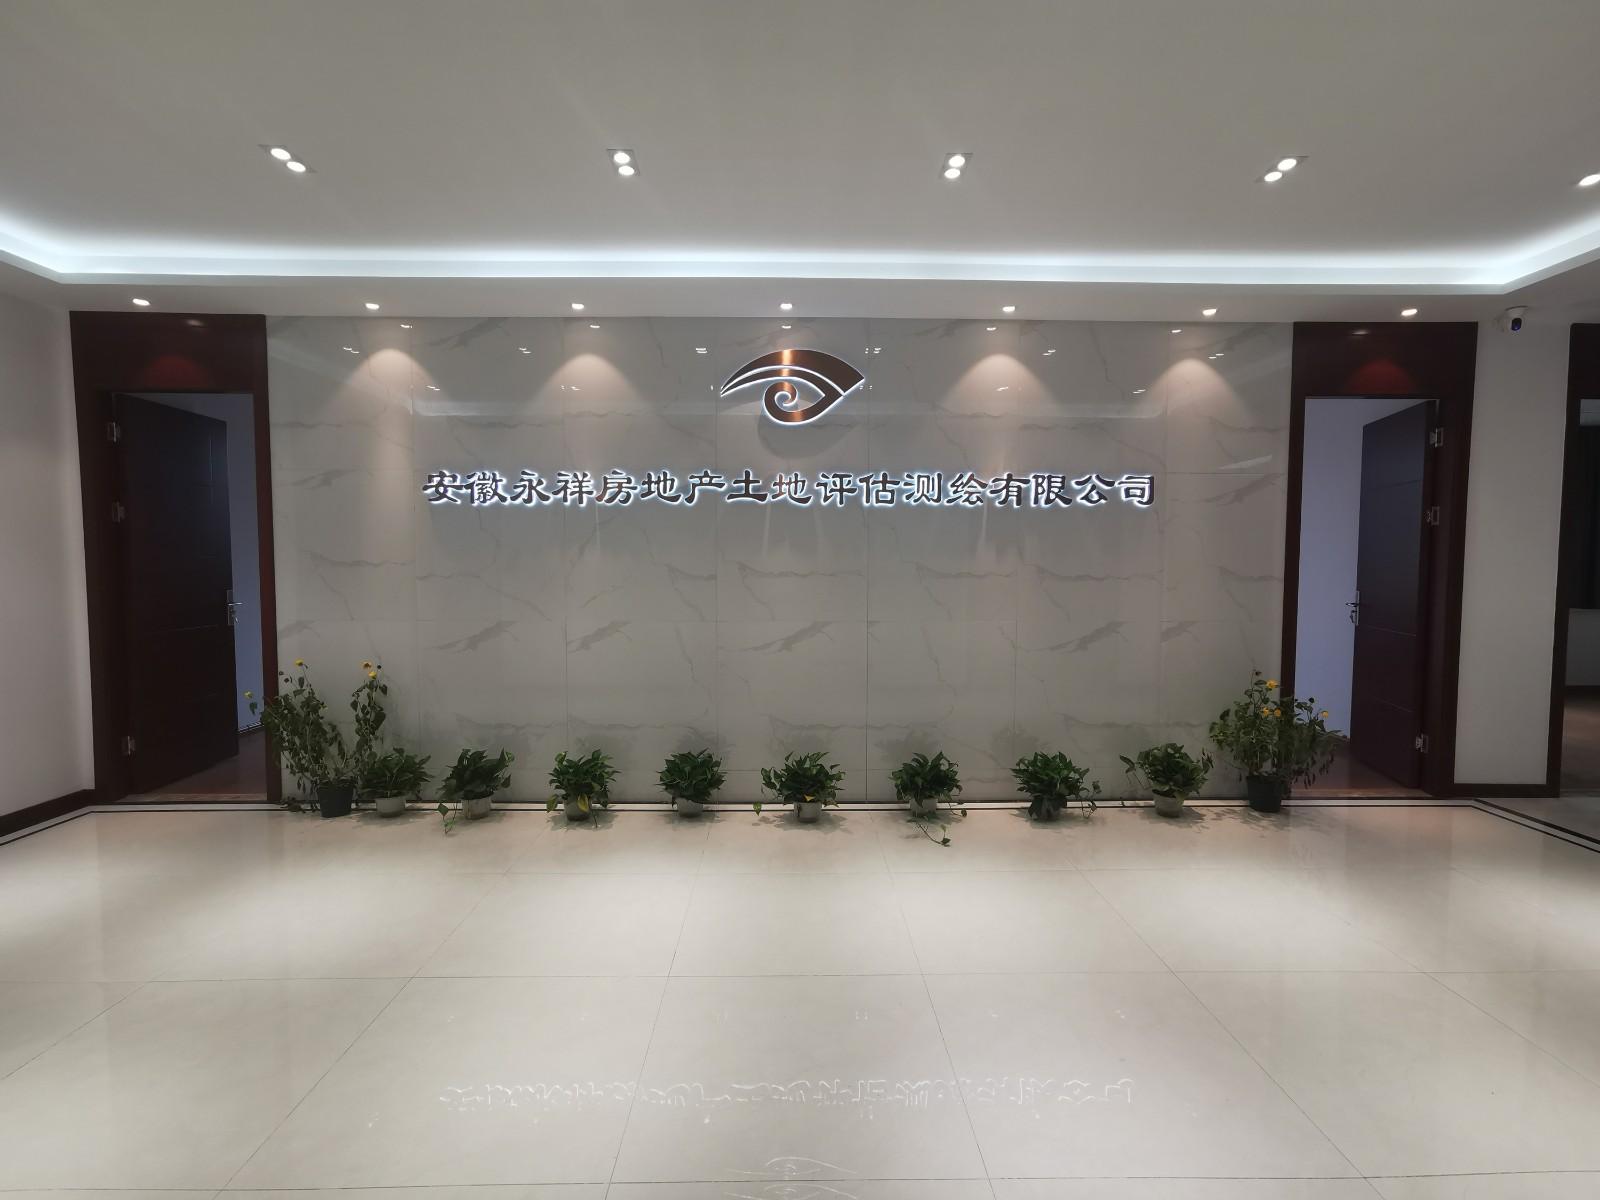 安徽永祥房地产土地评估测绘有限公司